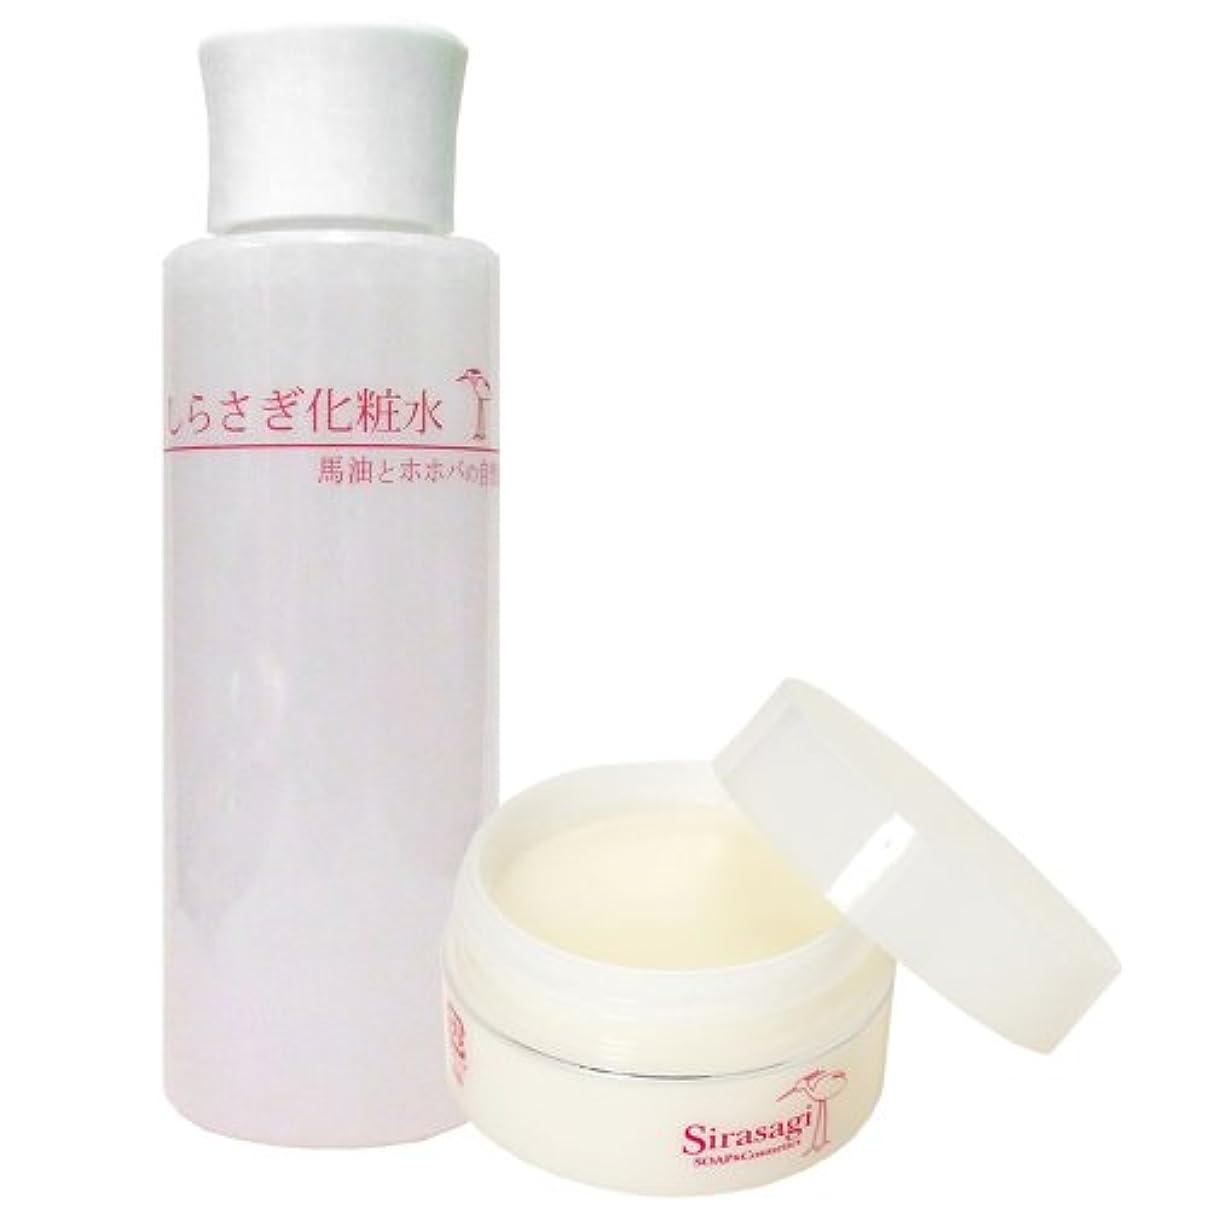 クリエイティブかまどインタフェースしらさぎクリーム(無香料)としらさぎ化粧水のセット